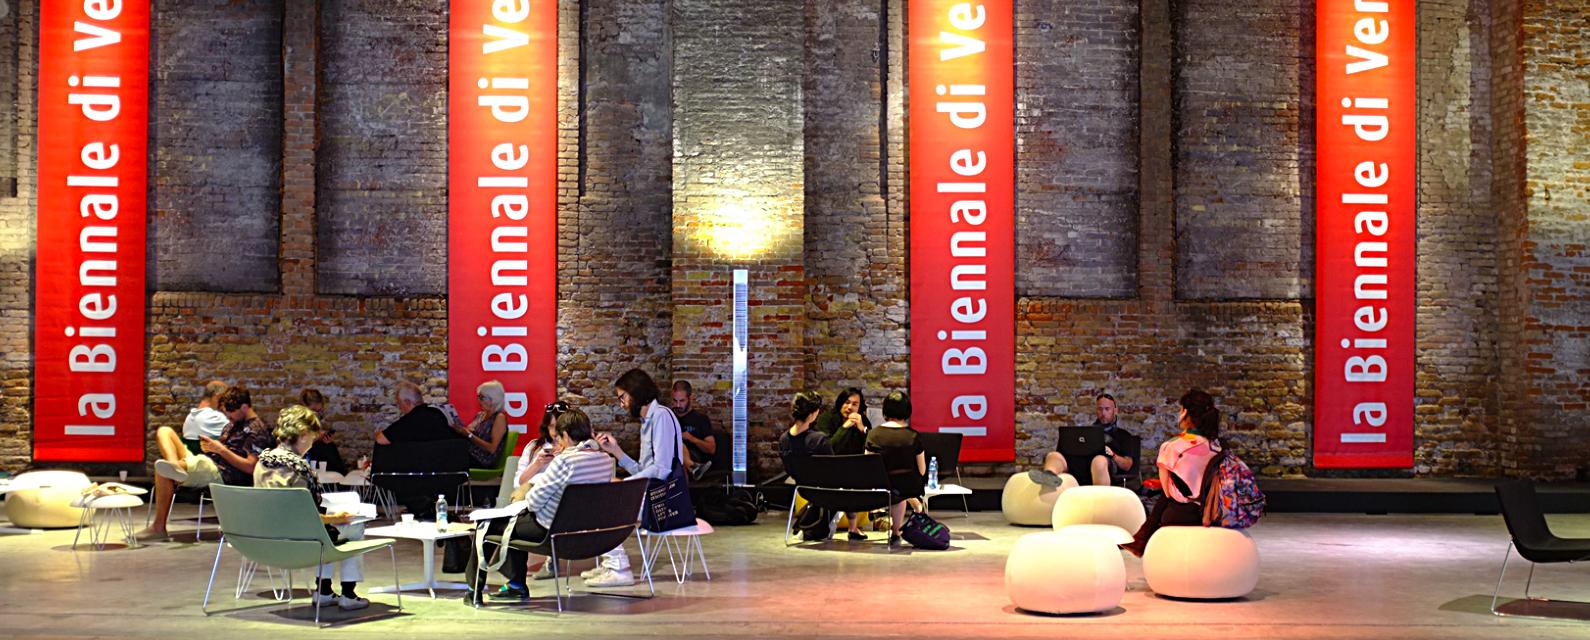 Artemide-biennale-di-venice-news